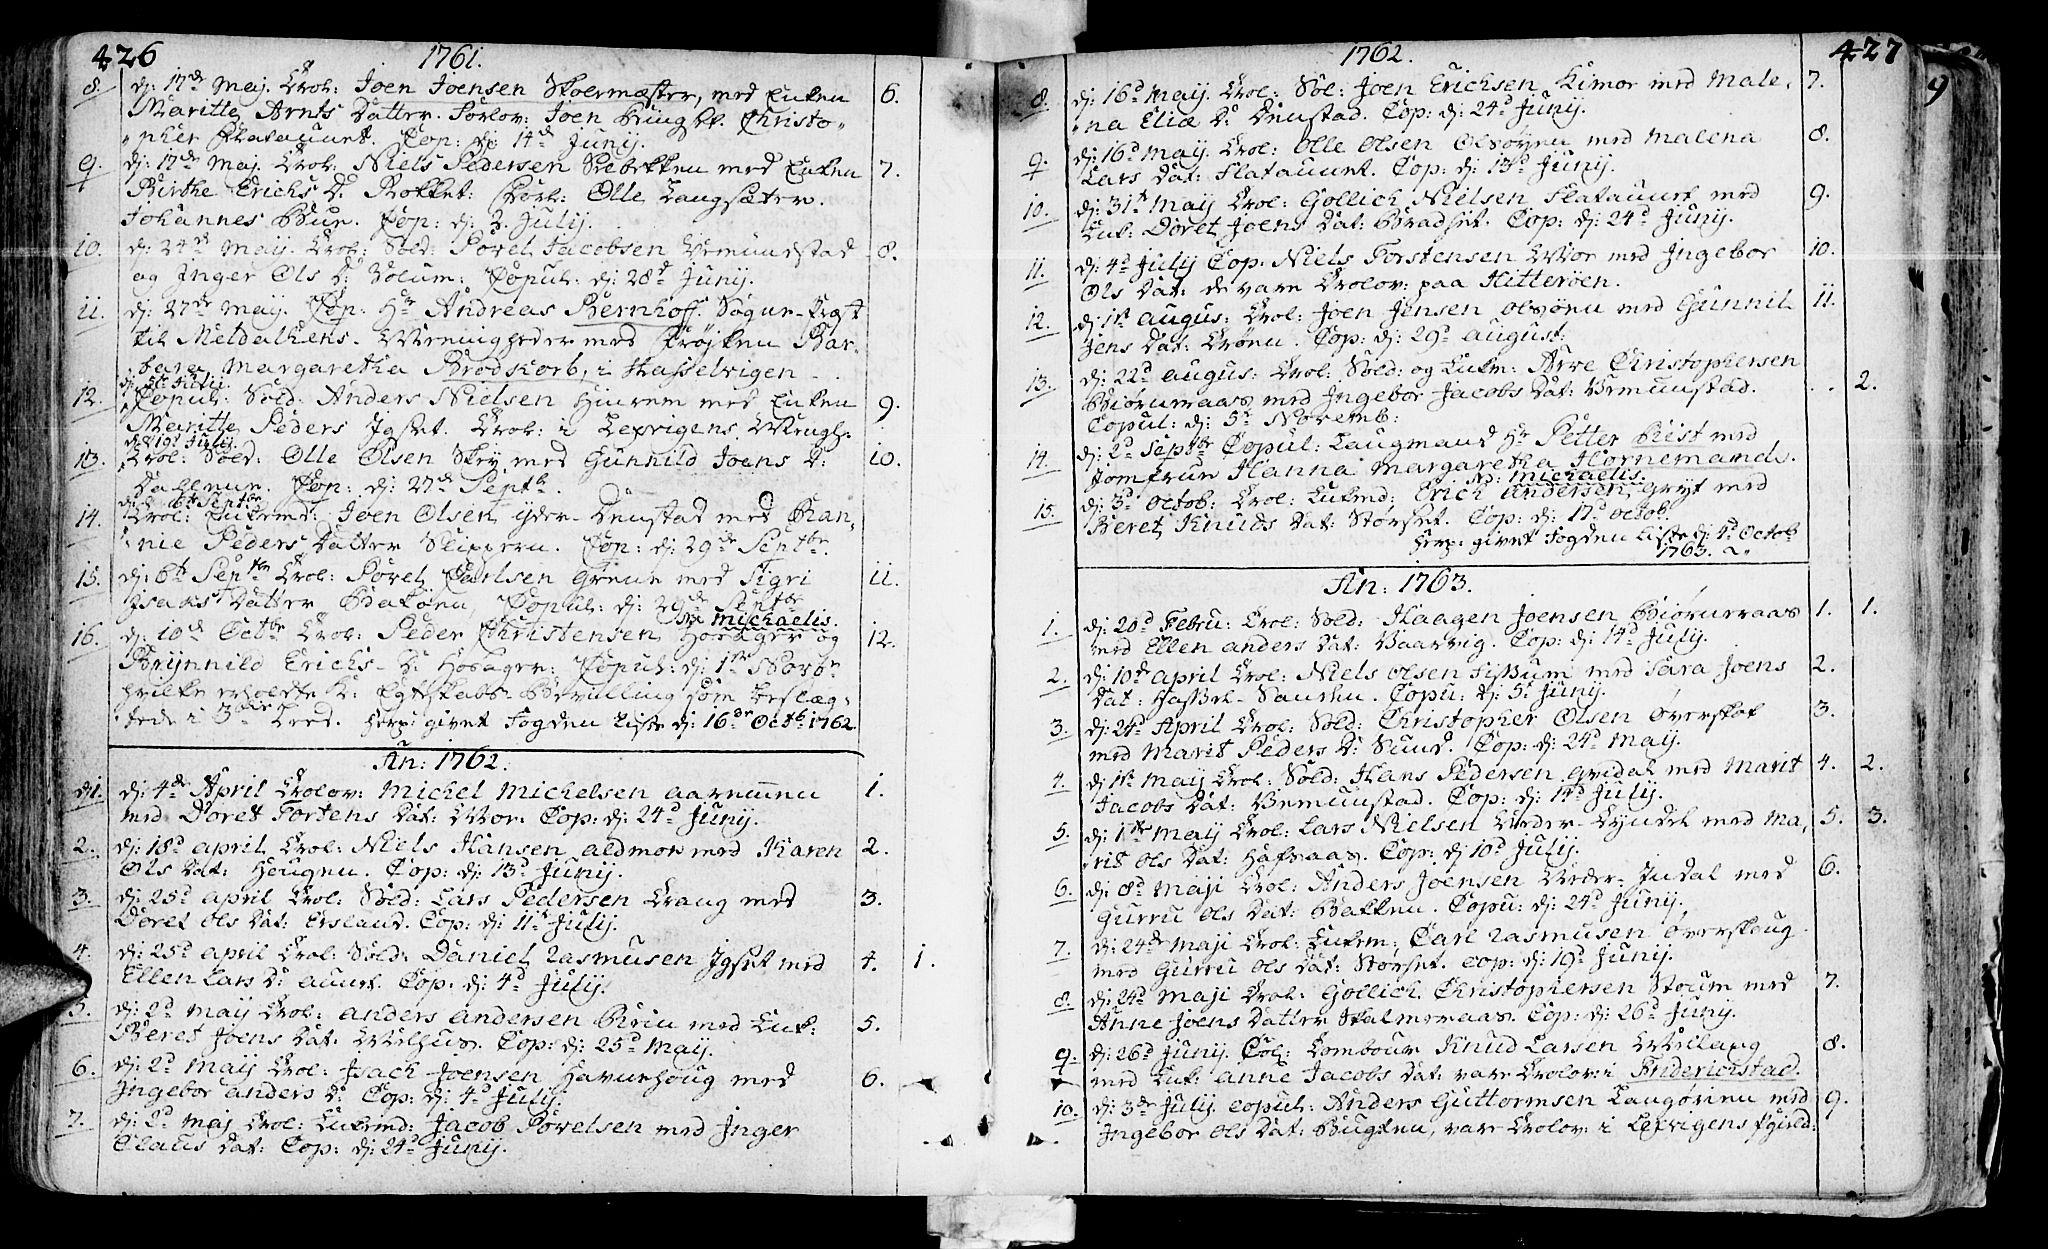 SAT, Ministerialprotokoller, klokkerbøker og fødselsregistre - Sør-Trøndelag, 646/L0605: Ministerialbok nr. 646A03, 1751-1790, s. 426-427